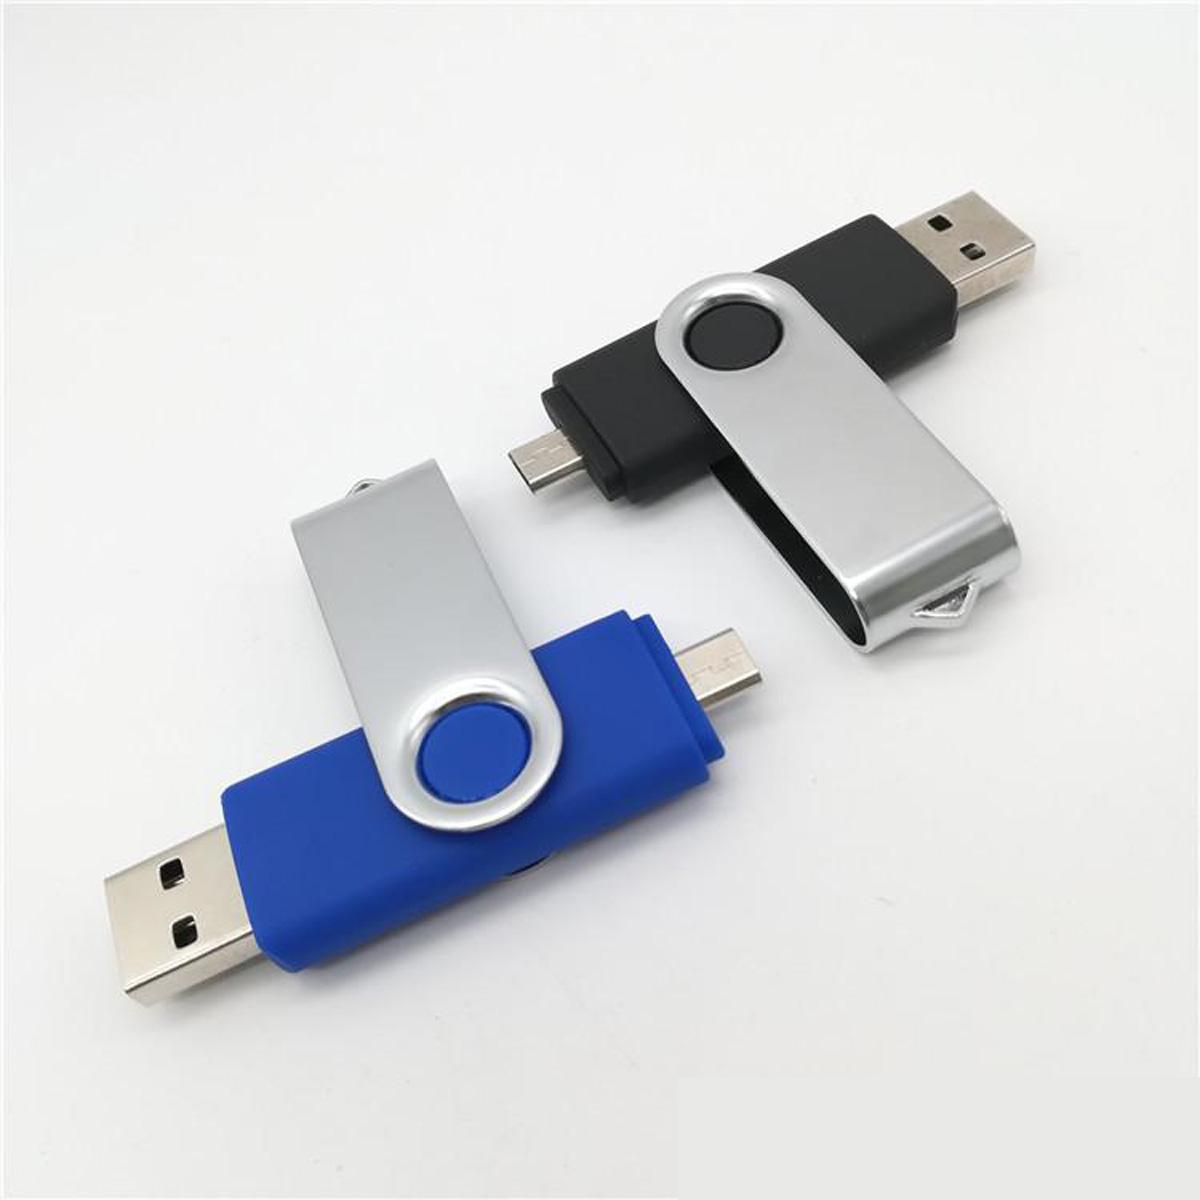 USB Smart otg